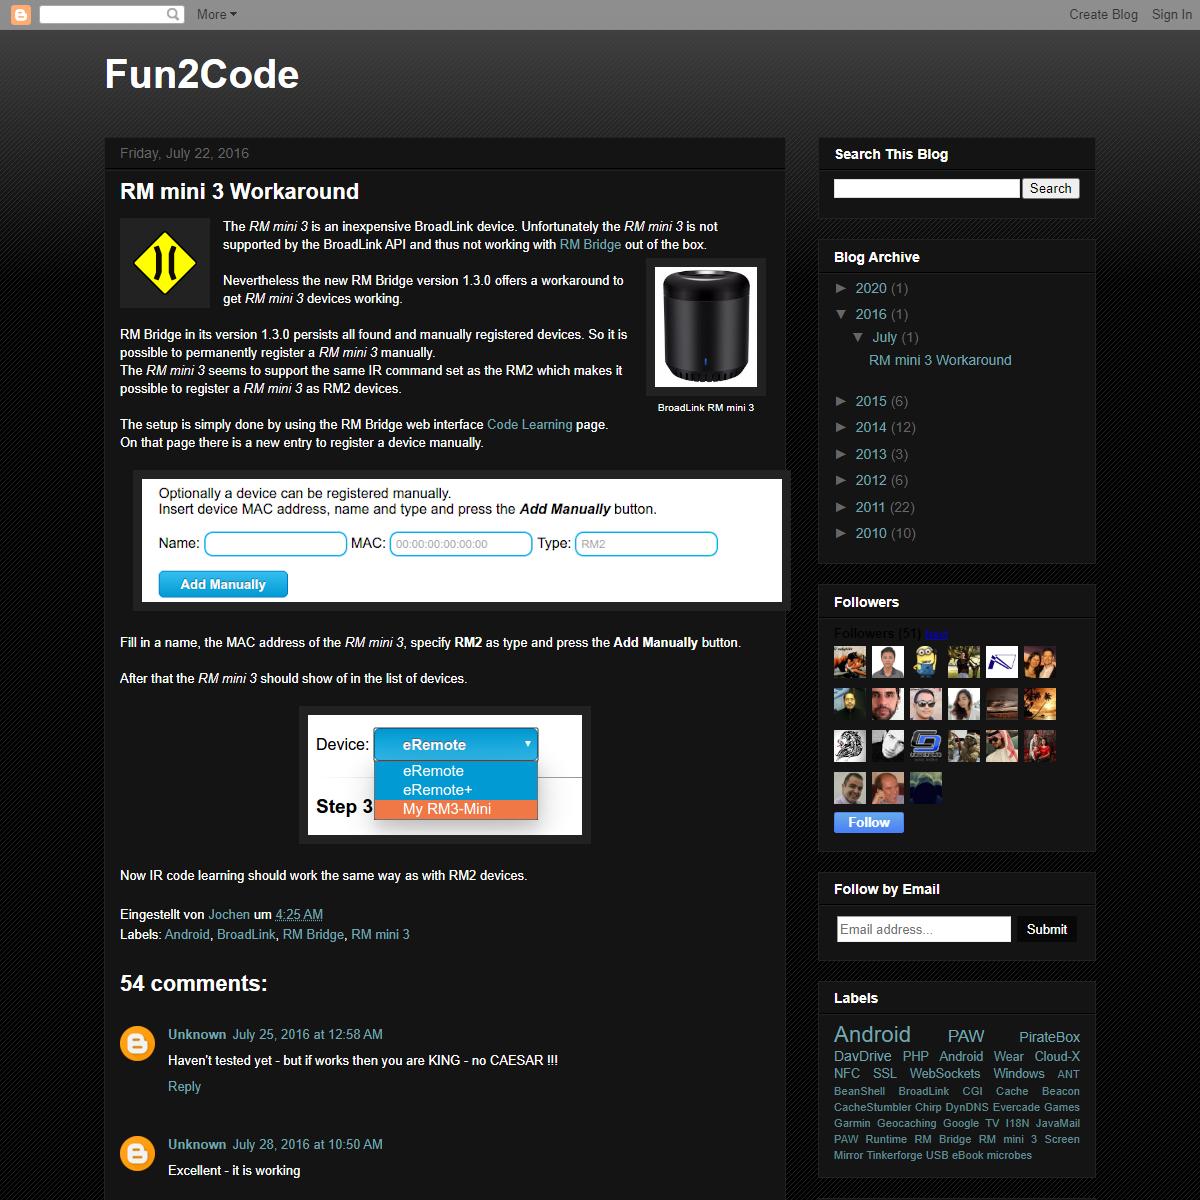 Fun2Code- RM mini 3 Workaround